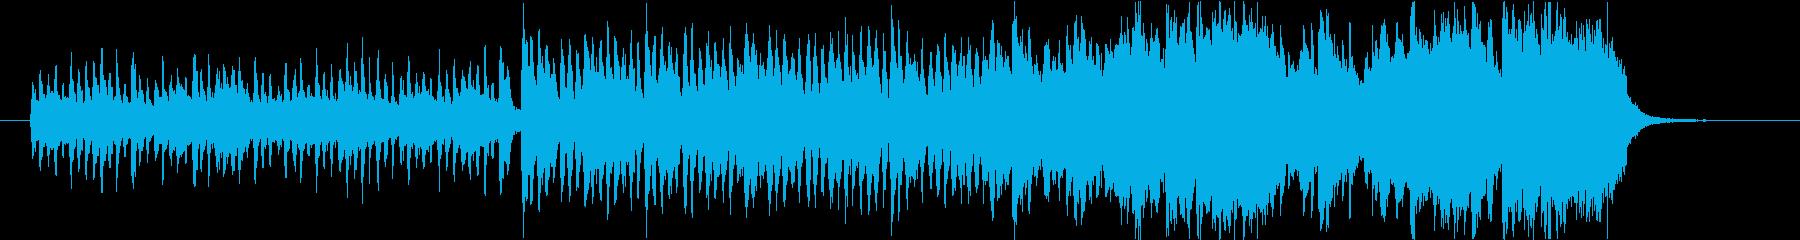 きまぐれキャッツ【変則アコースティック】の再生済みの波形